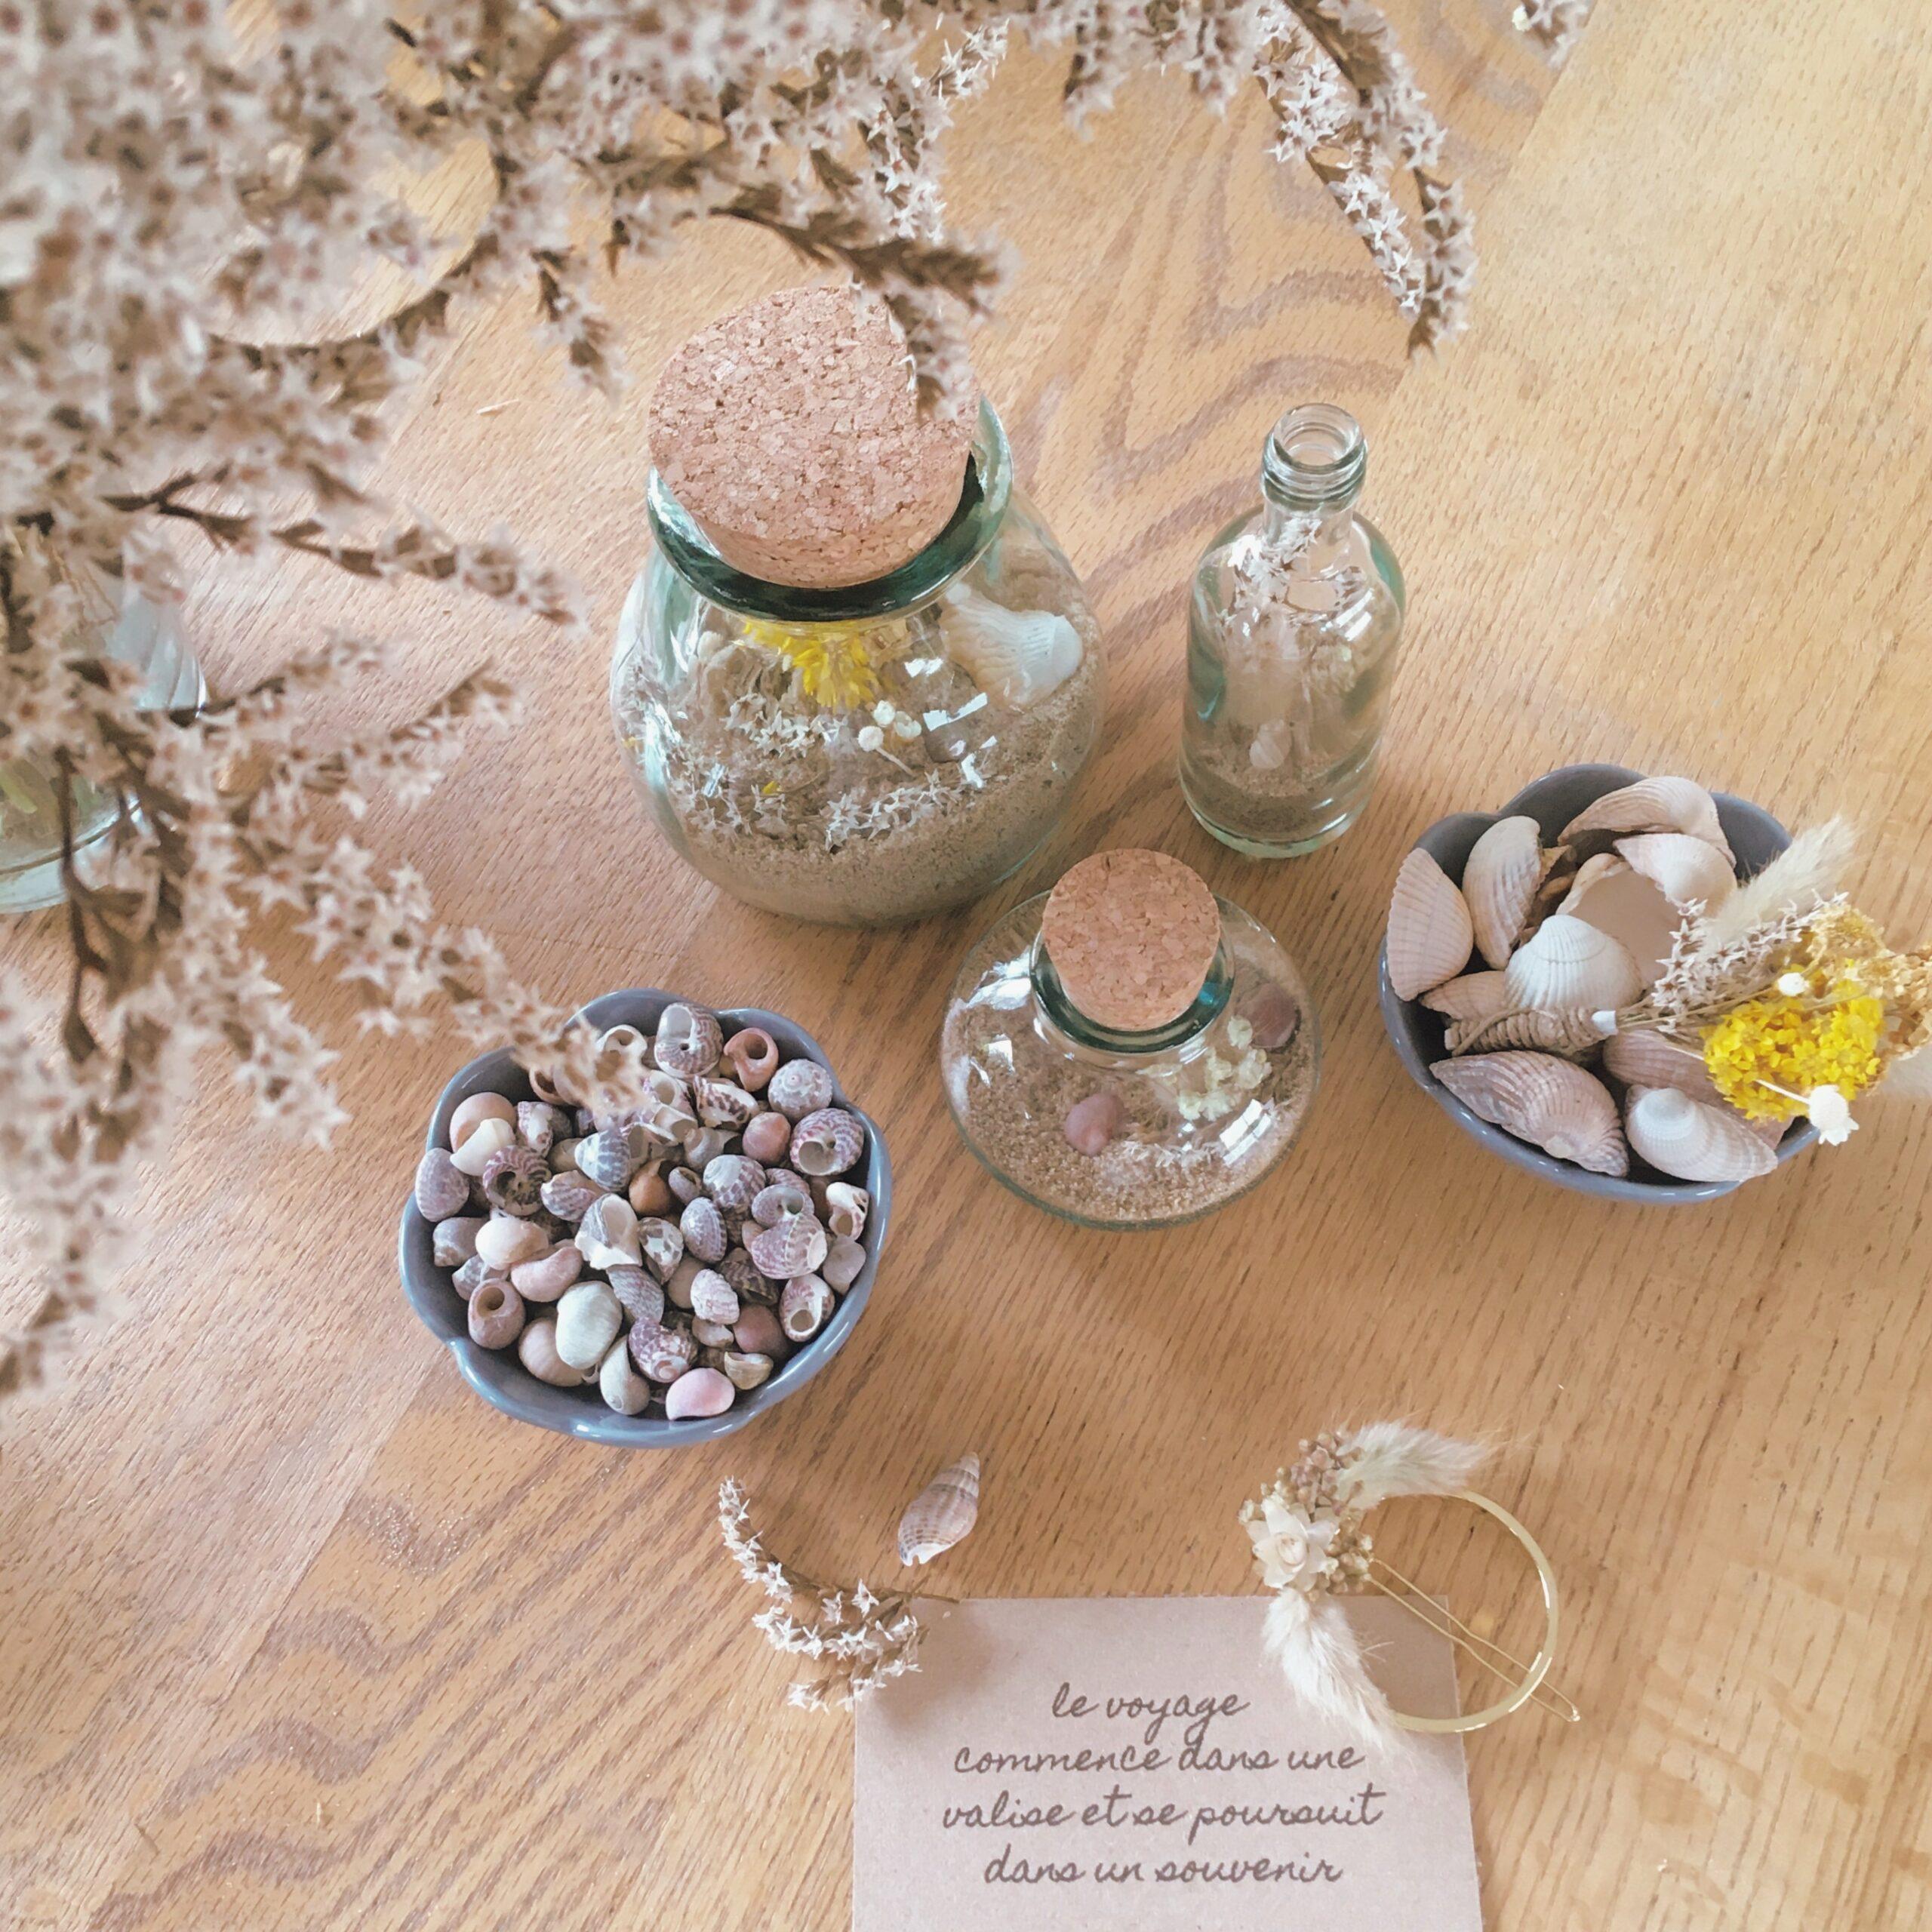 confiture de souvenirs, atelier créatif bocal de coquillages et fleurs séchées par du vent dans mes valises